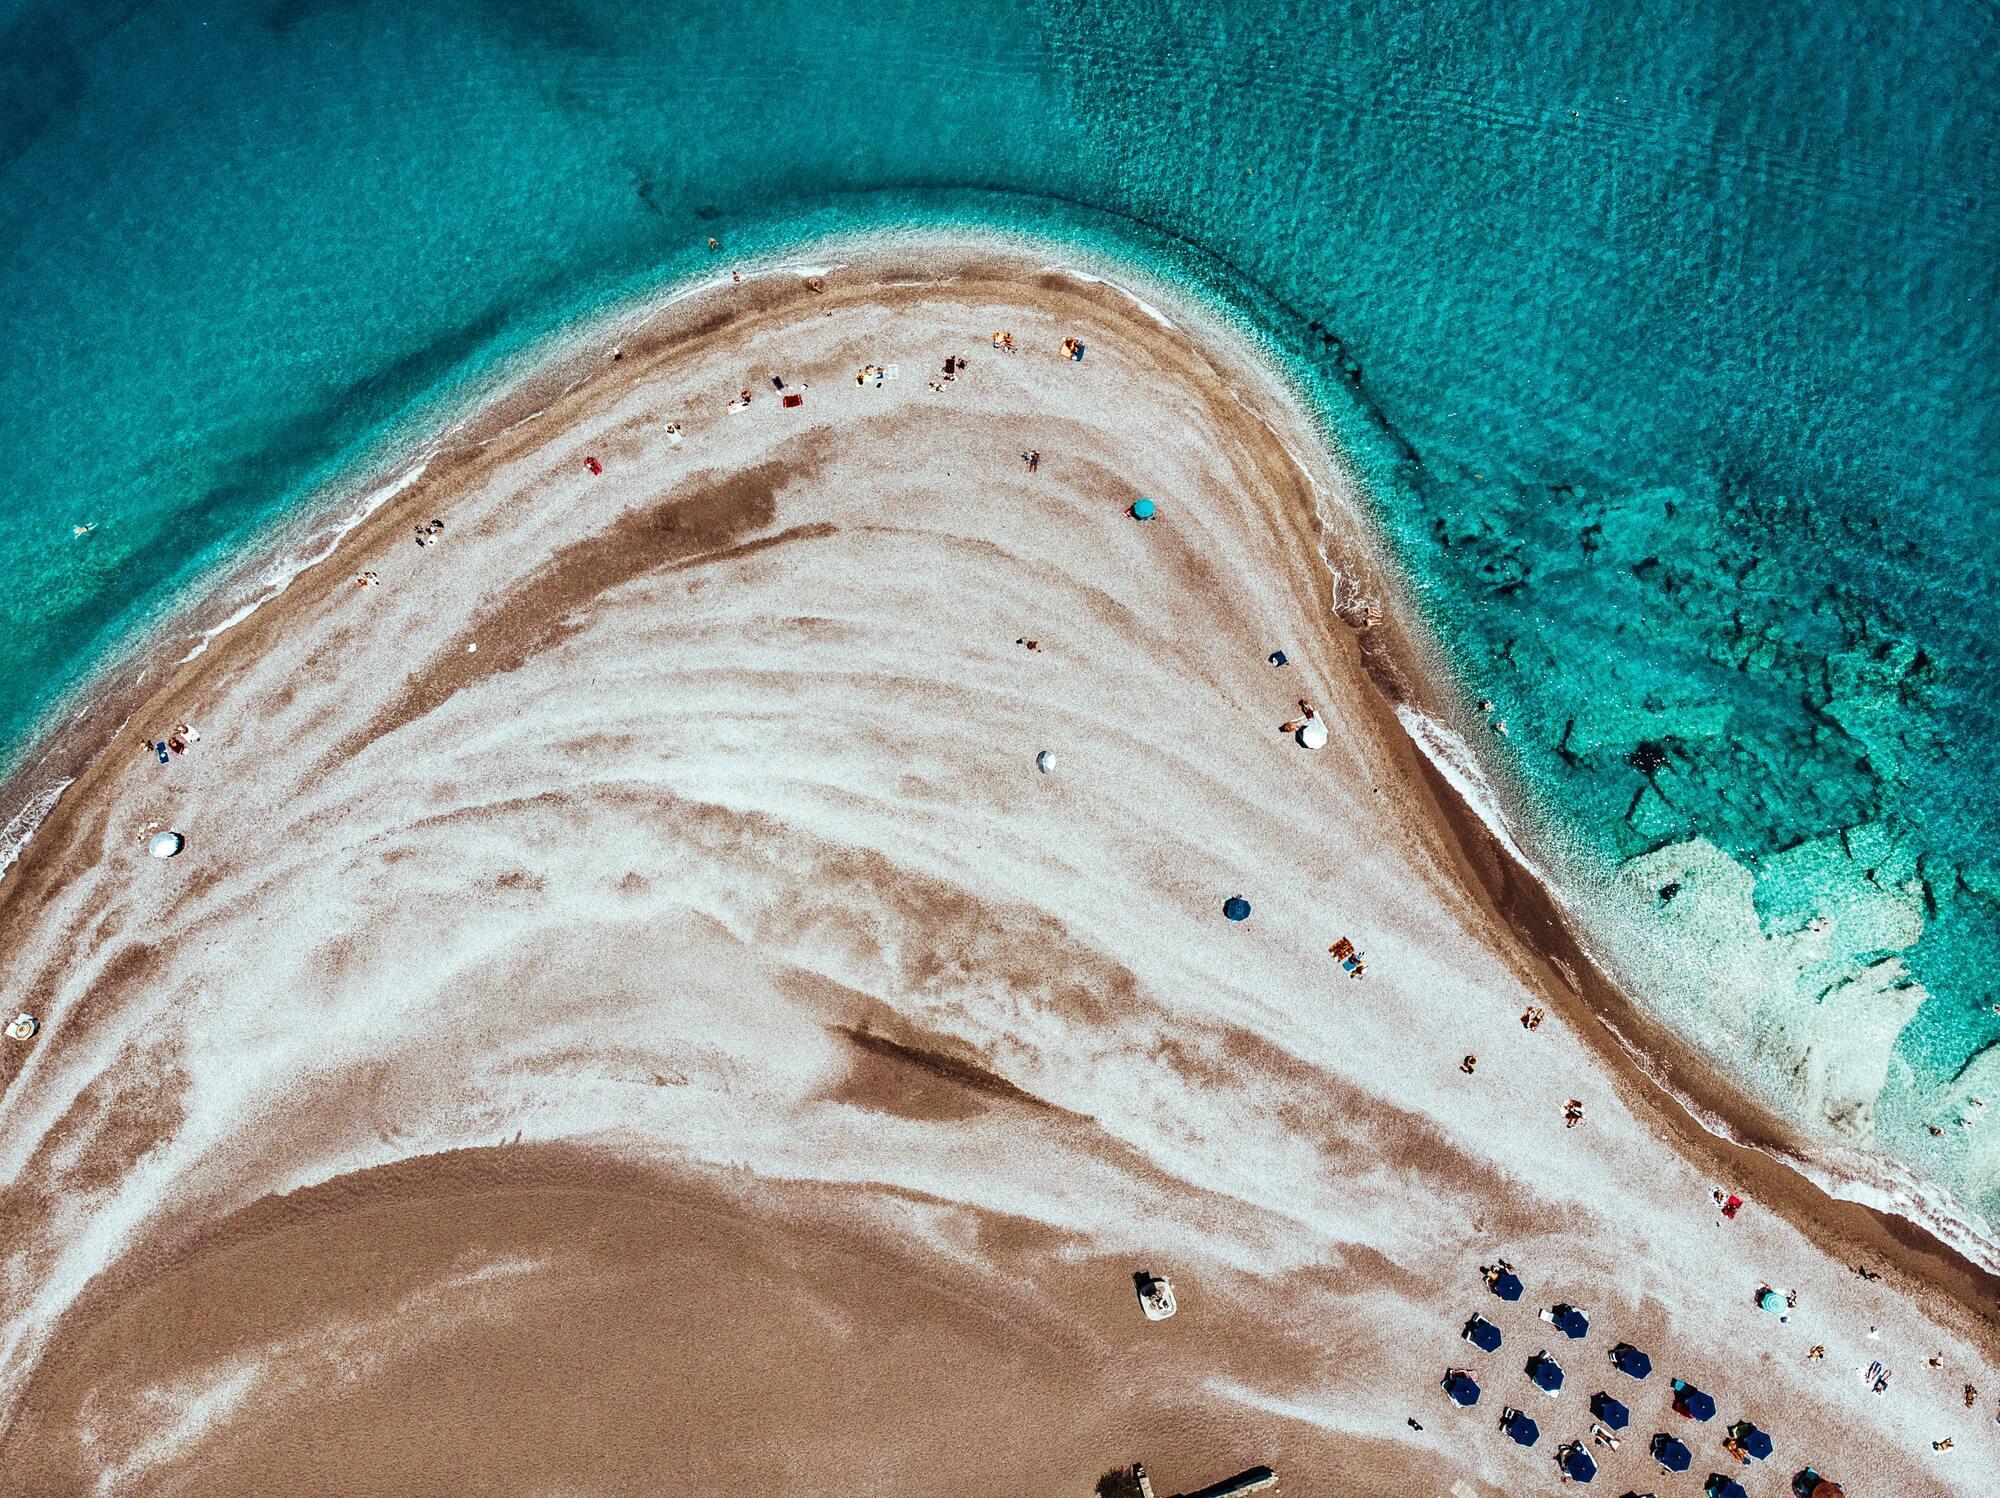 Грецький курорт Родос знаменитий чудовими пляжами й молодіжною атмосферою